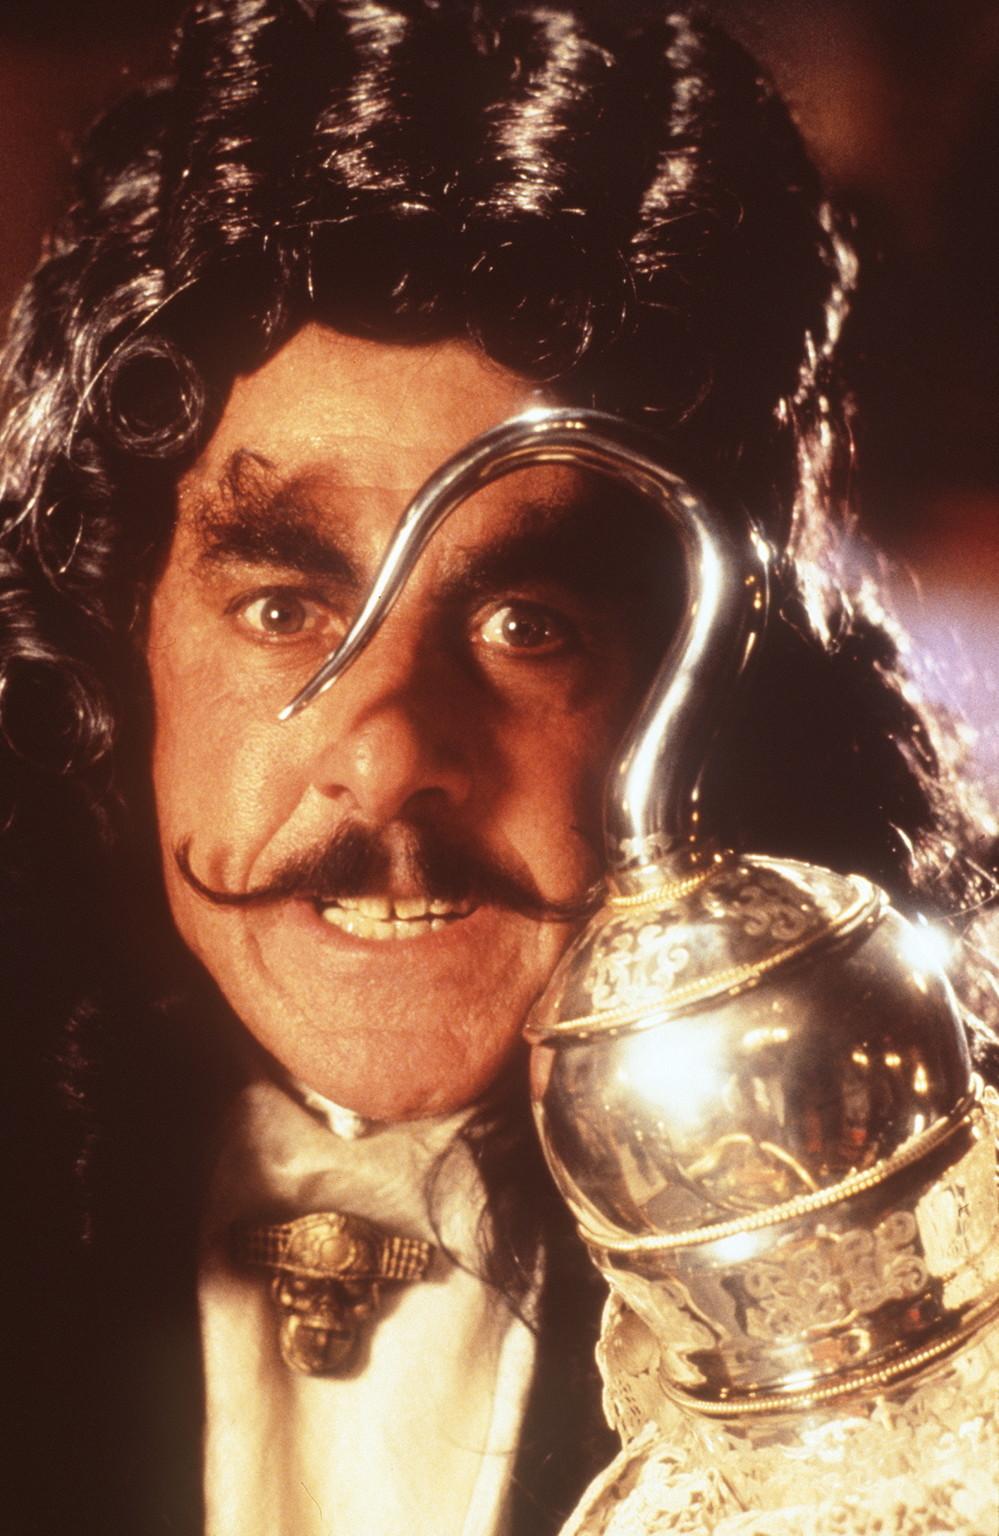 Captain Hook (Dustin Hoffman) hat nur noch einen Gedanken: Peter Pan endgültig den Garaus zu machen . - bce402043434f4a699f548873854f231-original